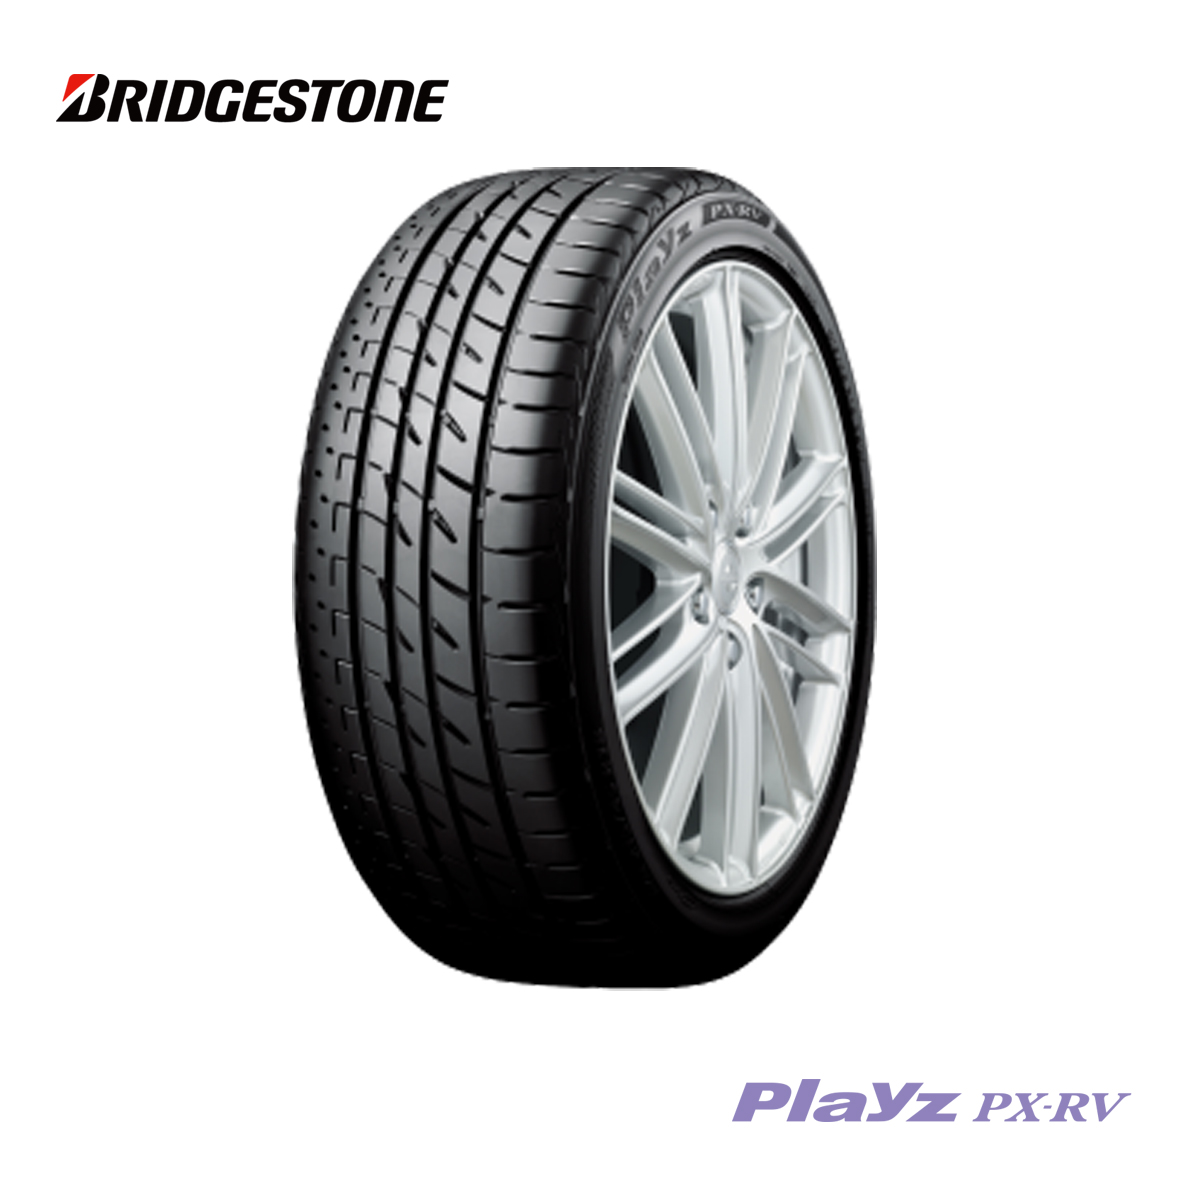 ブリヂストン BS 20インチ タイヤ 245/40R20 245 40 20 99W XL プレイズ サマー タイヤ 4本 99W XL 低燃費 エコ 夏 ミニバン BRIDGESTONE Playz PX-RV